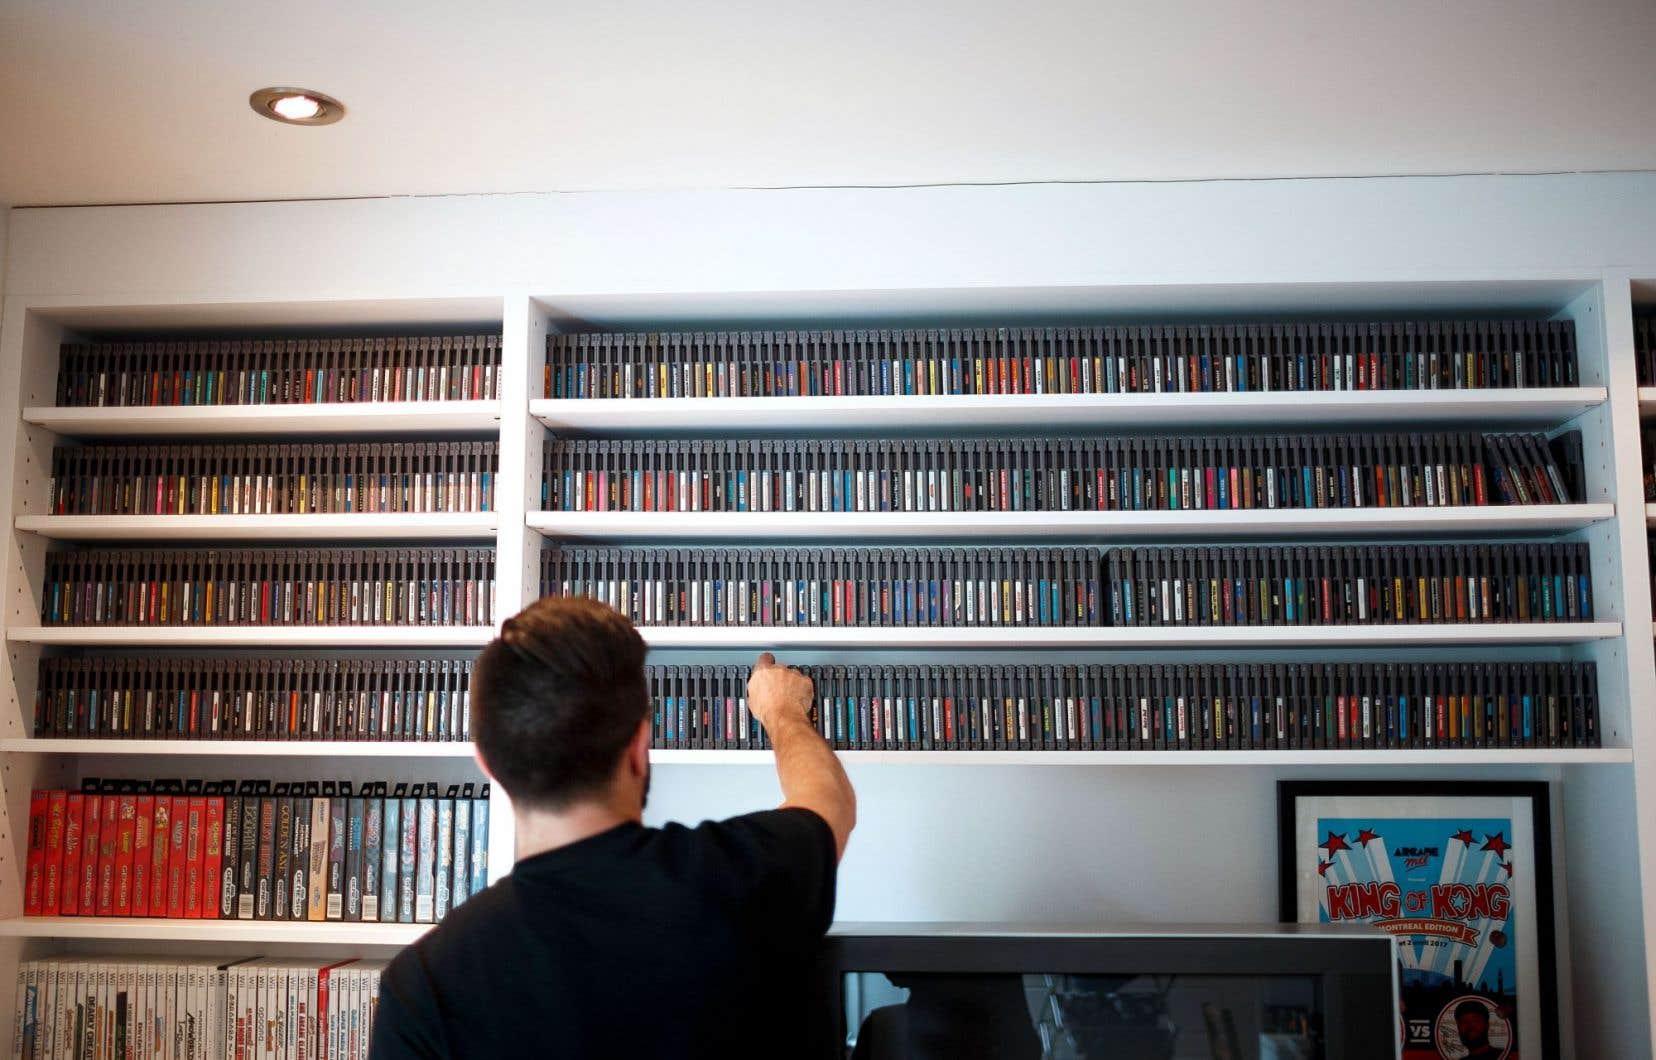 Une collection de près de 700 cassettes de NES, classées en ordre alphabétique, couvre un mur du salon du passionné des jeux vidéo surnommé Papa cassette.